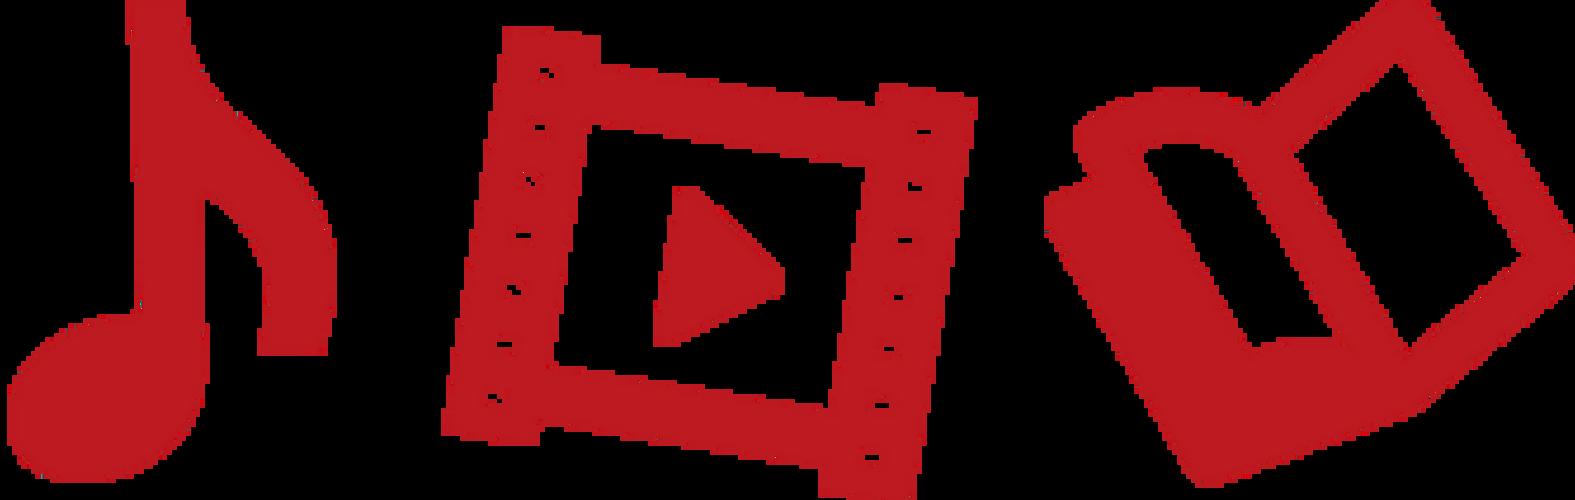 ・内容|音楽+電子書籍+動画が充実!